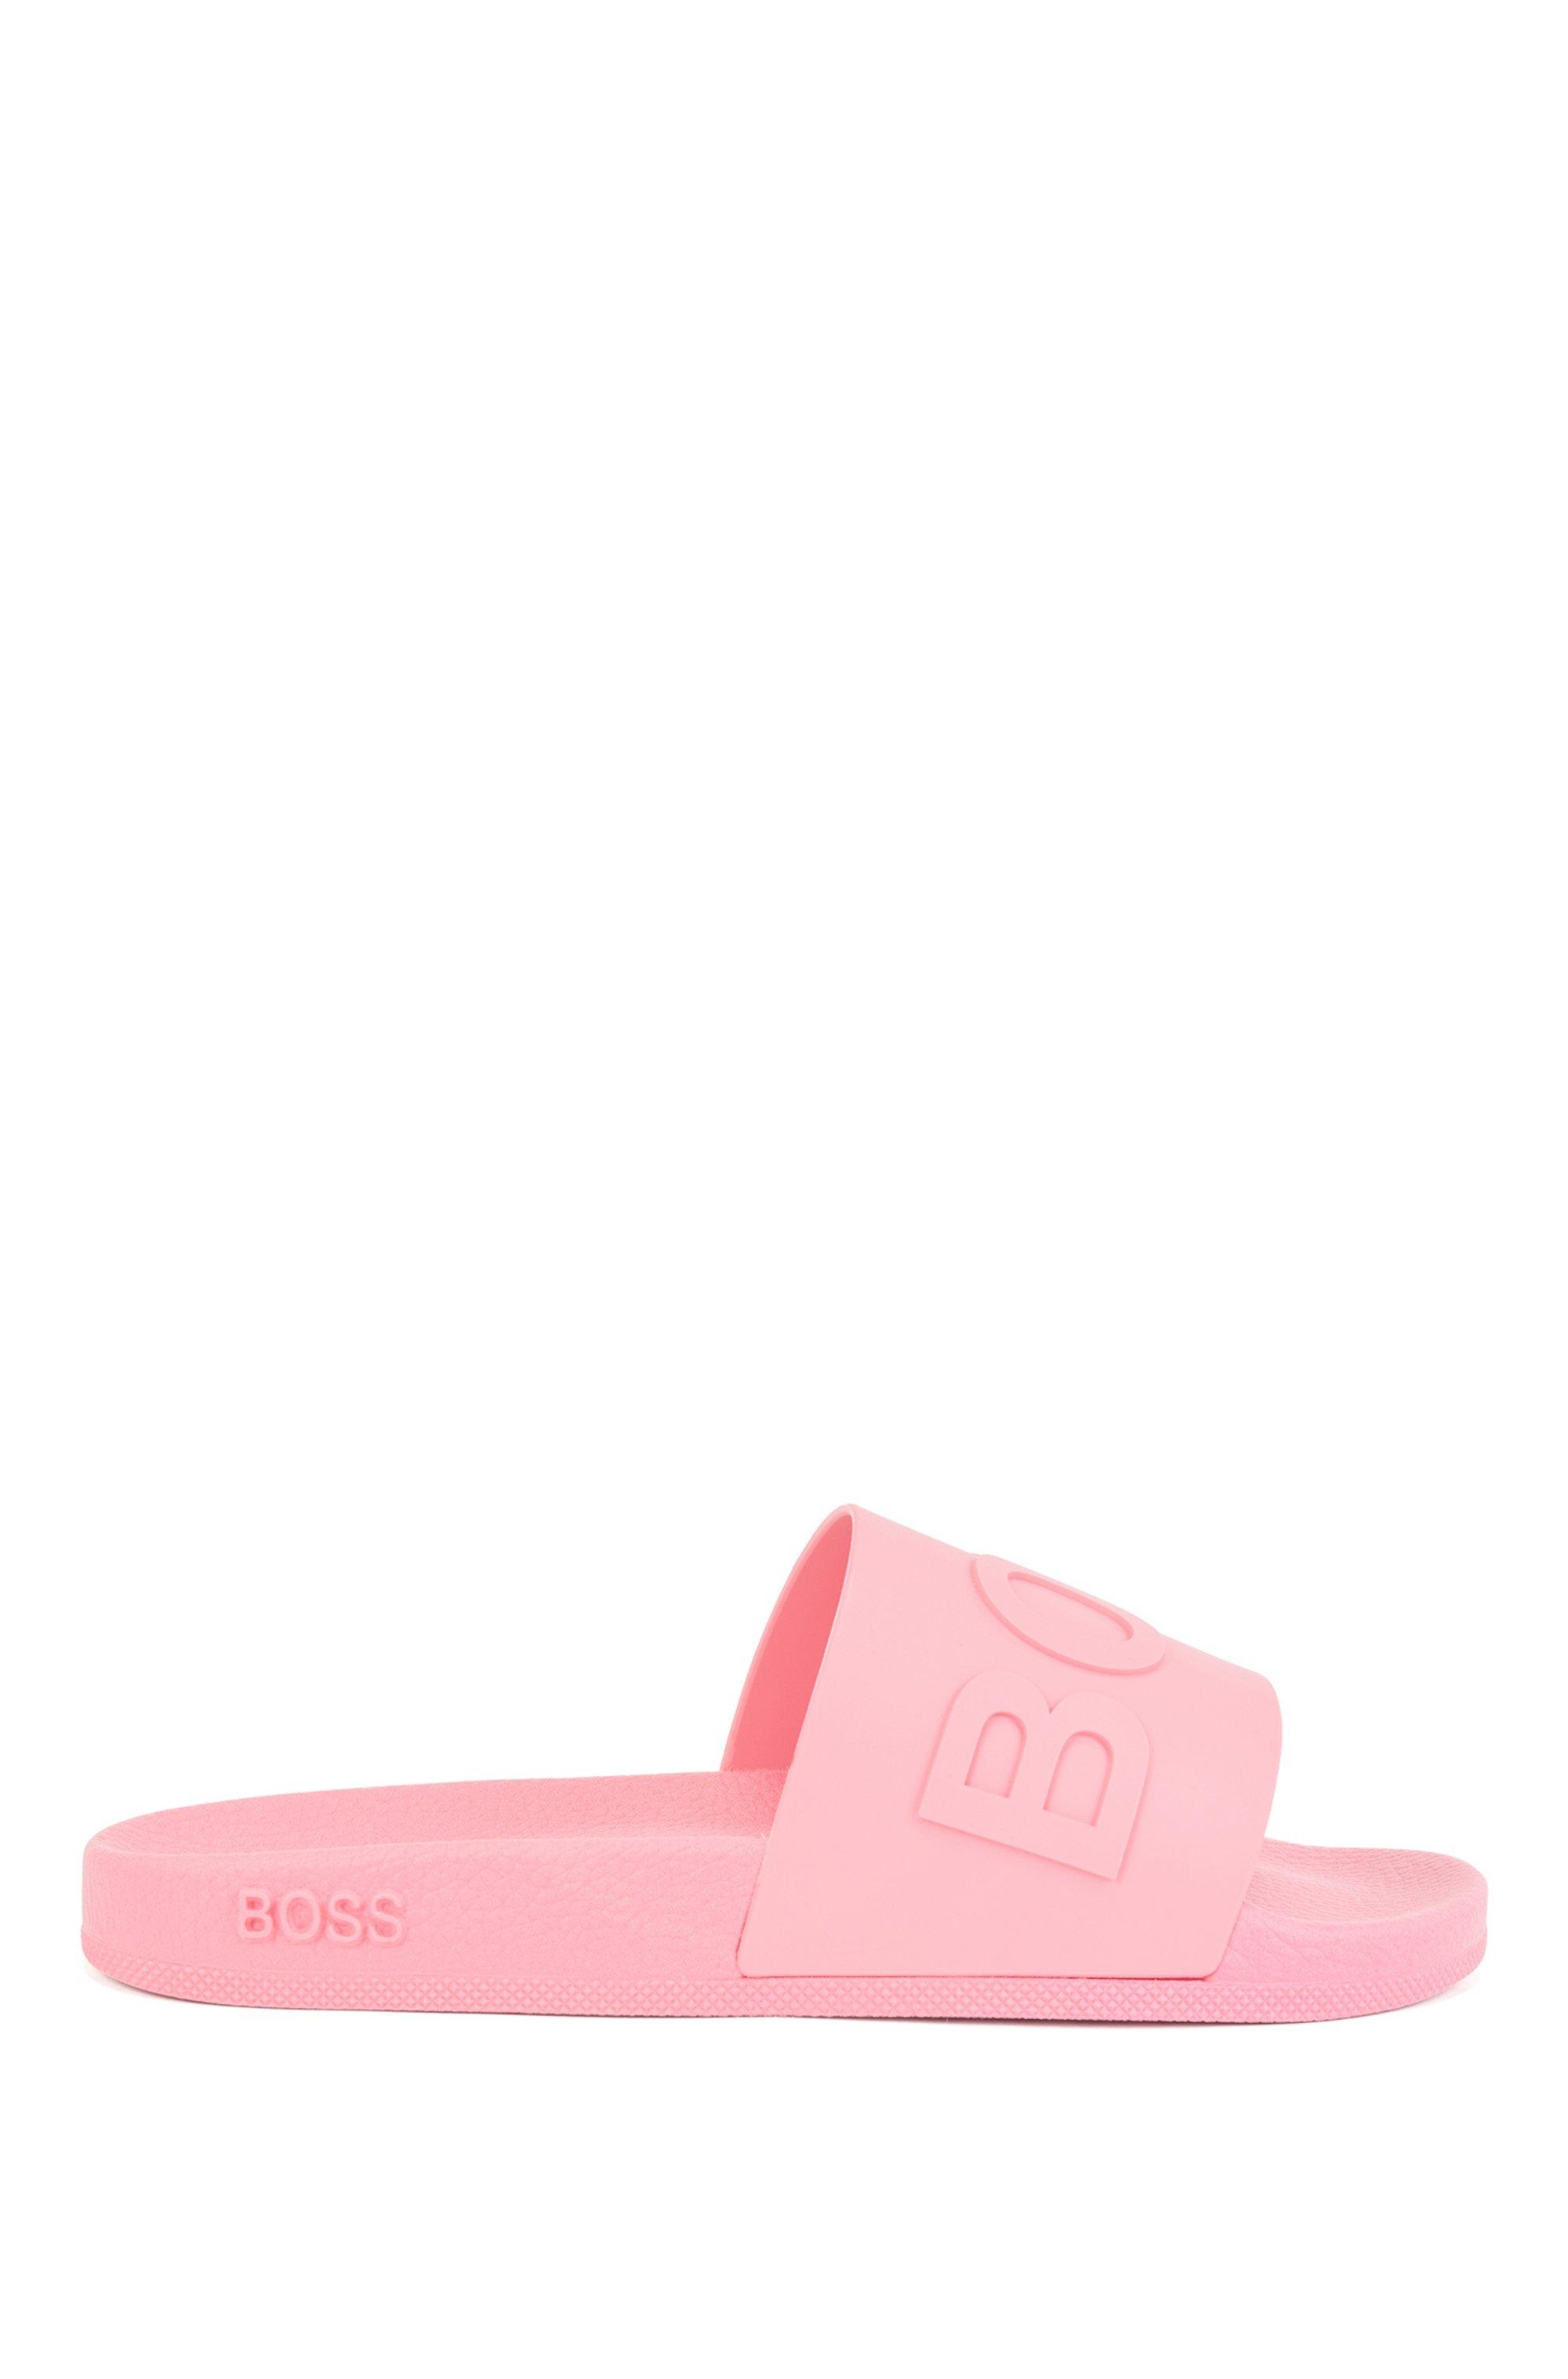 Chanclas con logo en la tira y plantilla moldeada, Pink